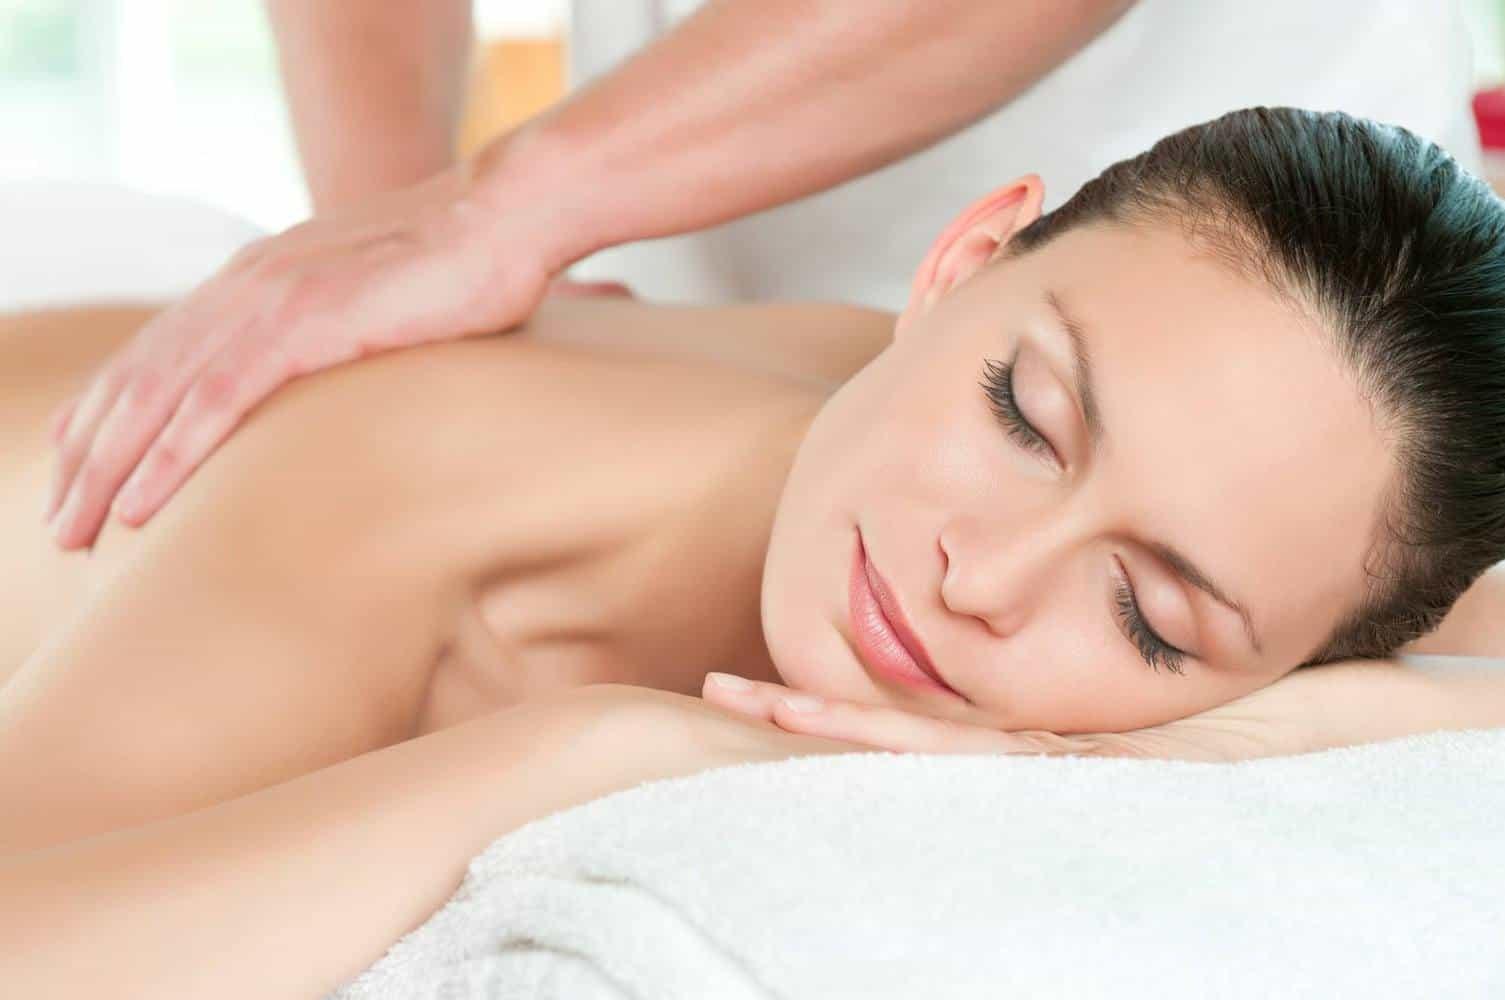 a woman being massaged.